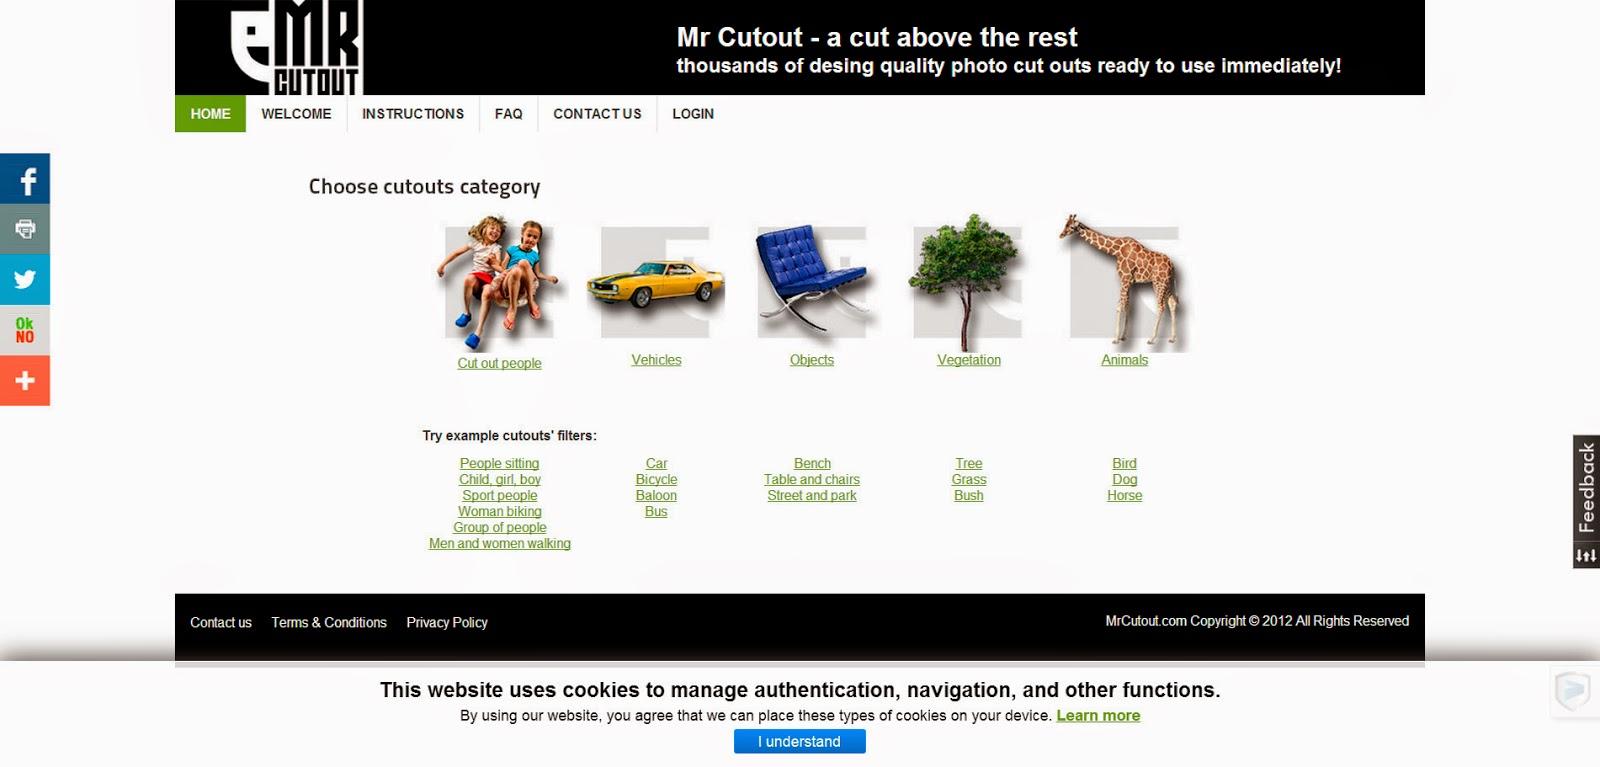 mrcutout.com